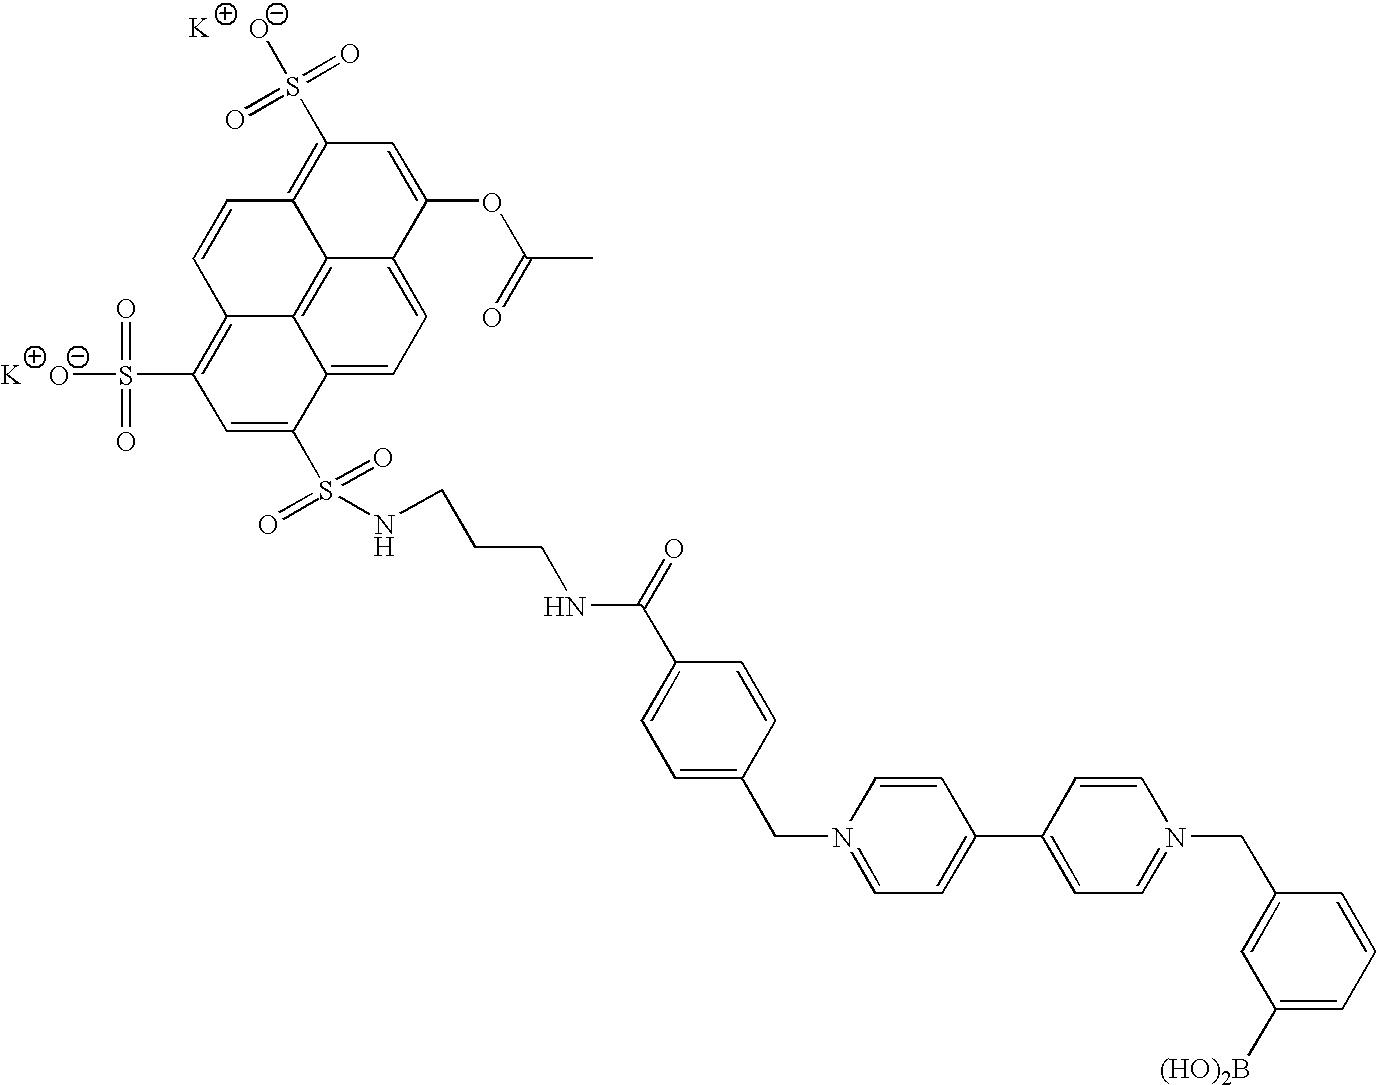 Figure US20040028612A1-20040212-C00052